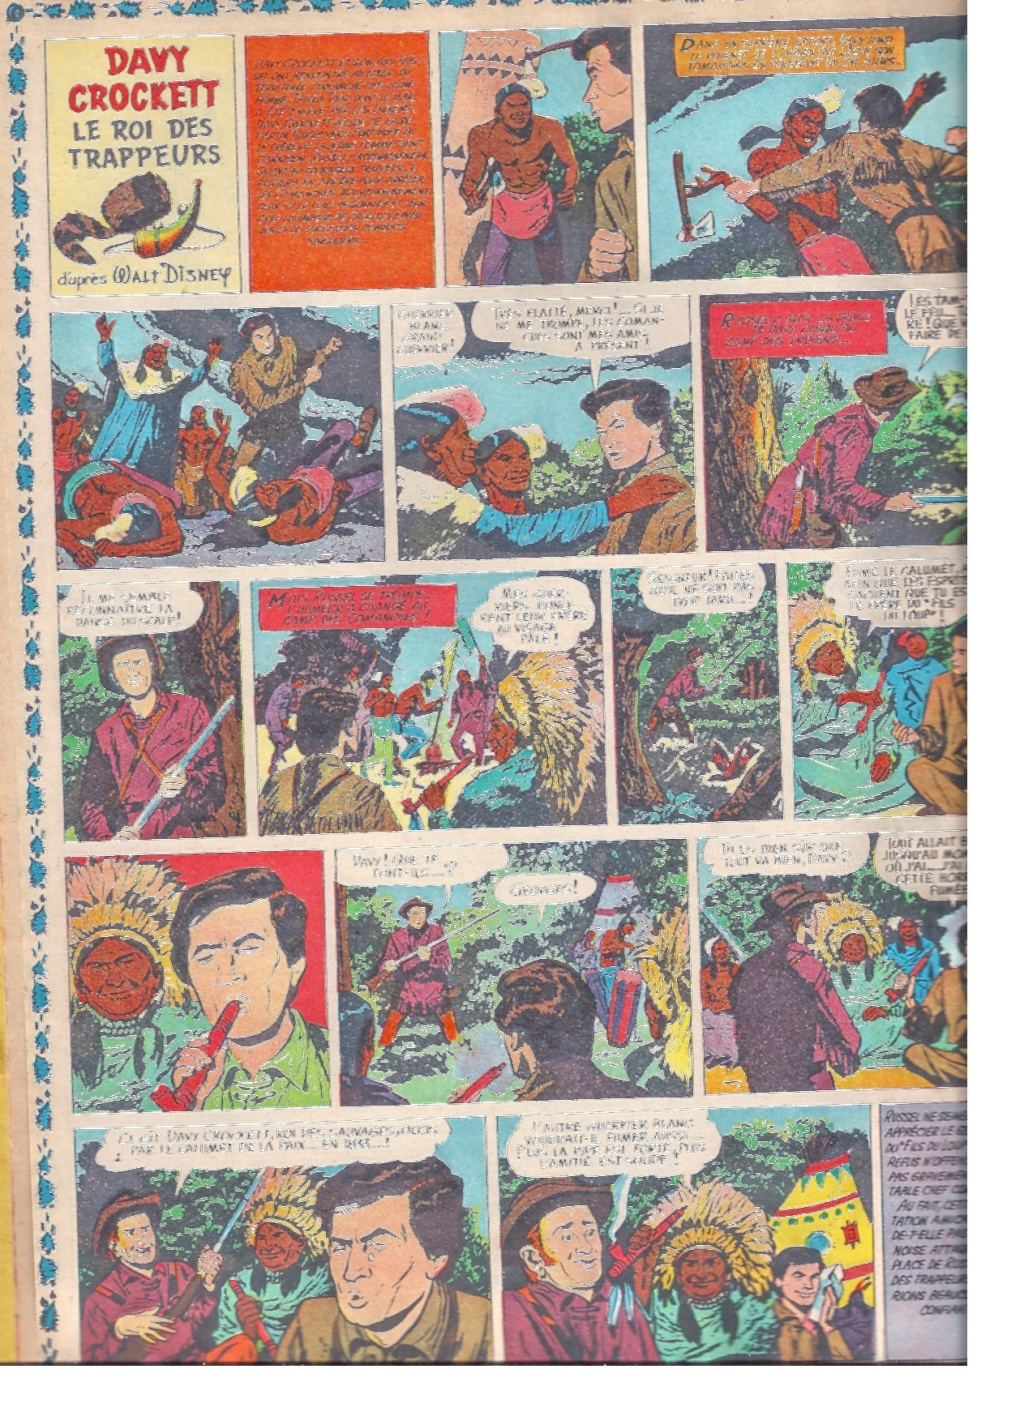 [Bandes dessinées] Jesse March (Davy Crockett, 20 000 Lieues Sous les Mers...) Apf_916